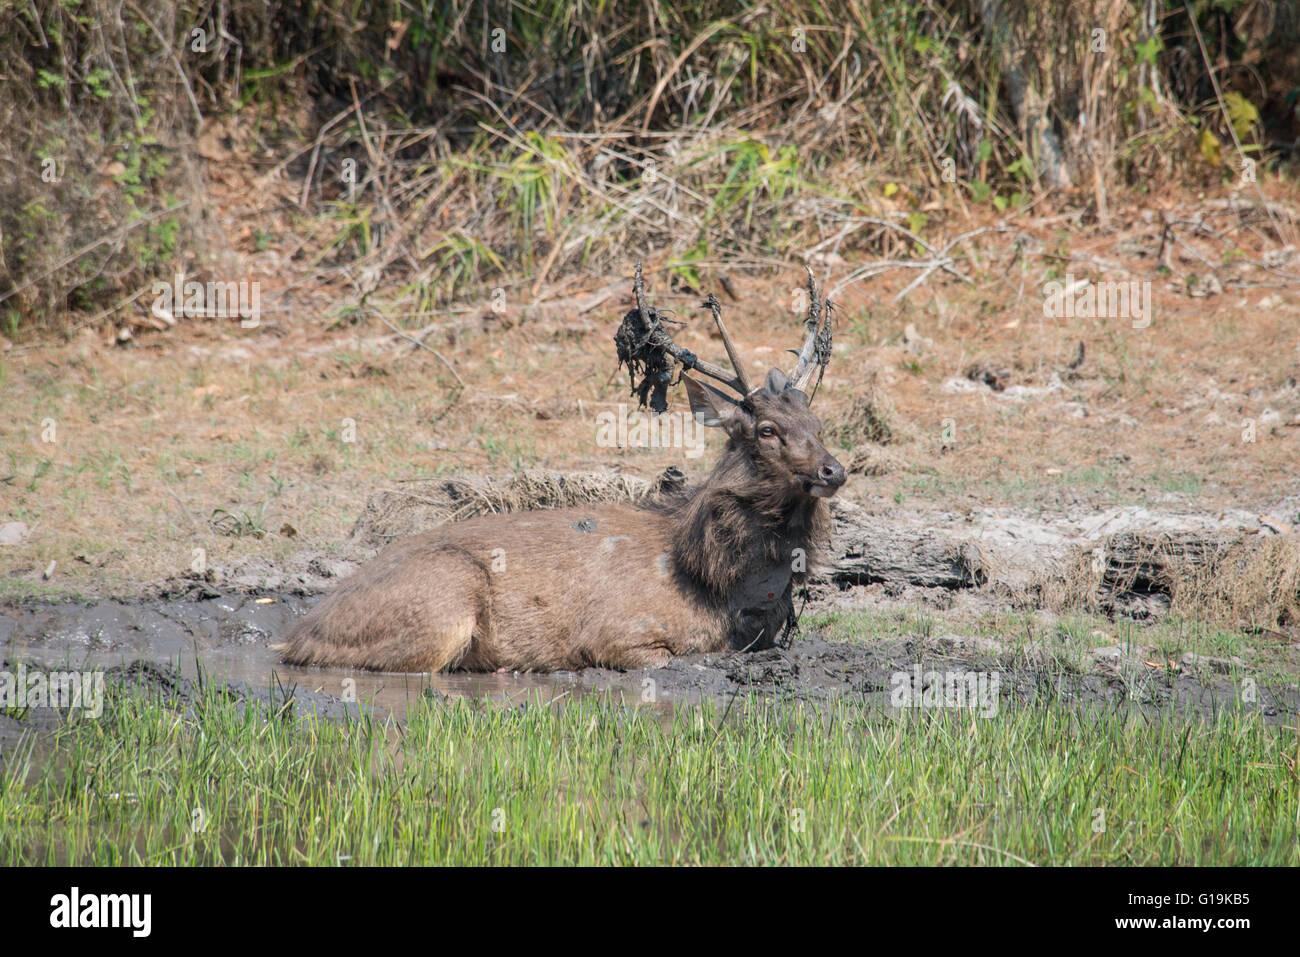 Sambar (Rusa unicolor) ist eine große Hirsche in den indischen Subkontinent, Südchina und Südostasien Stockbild